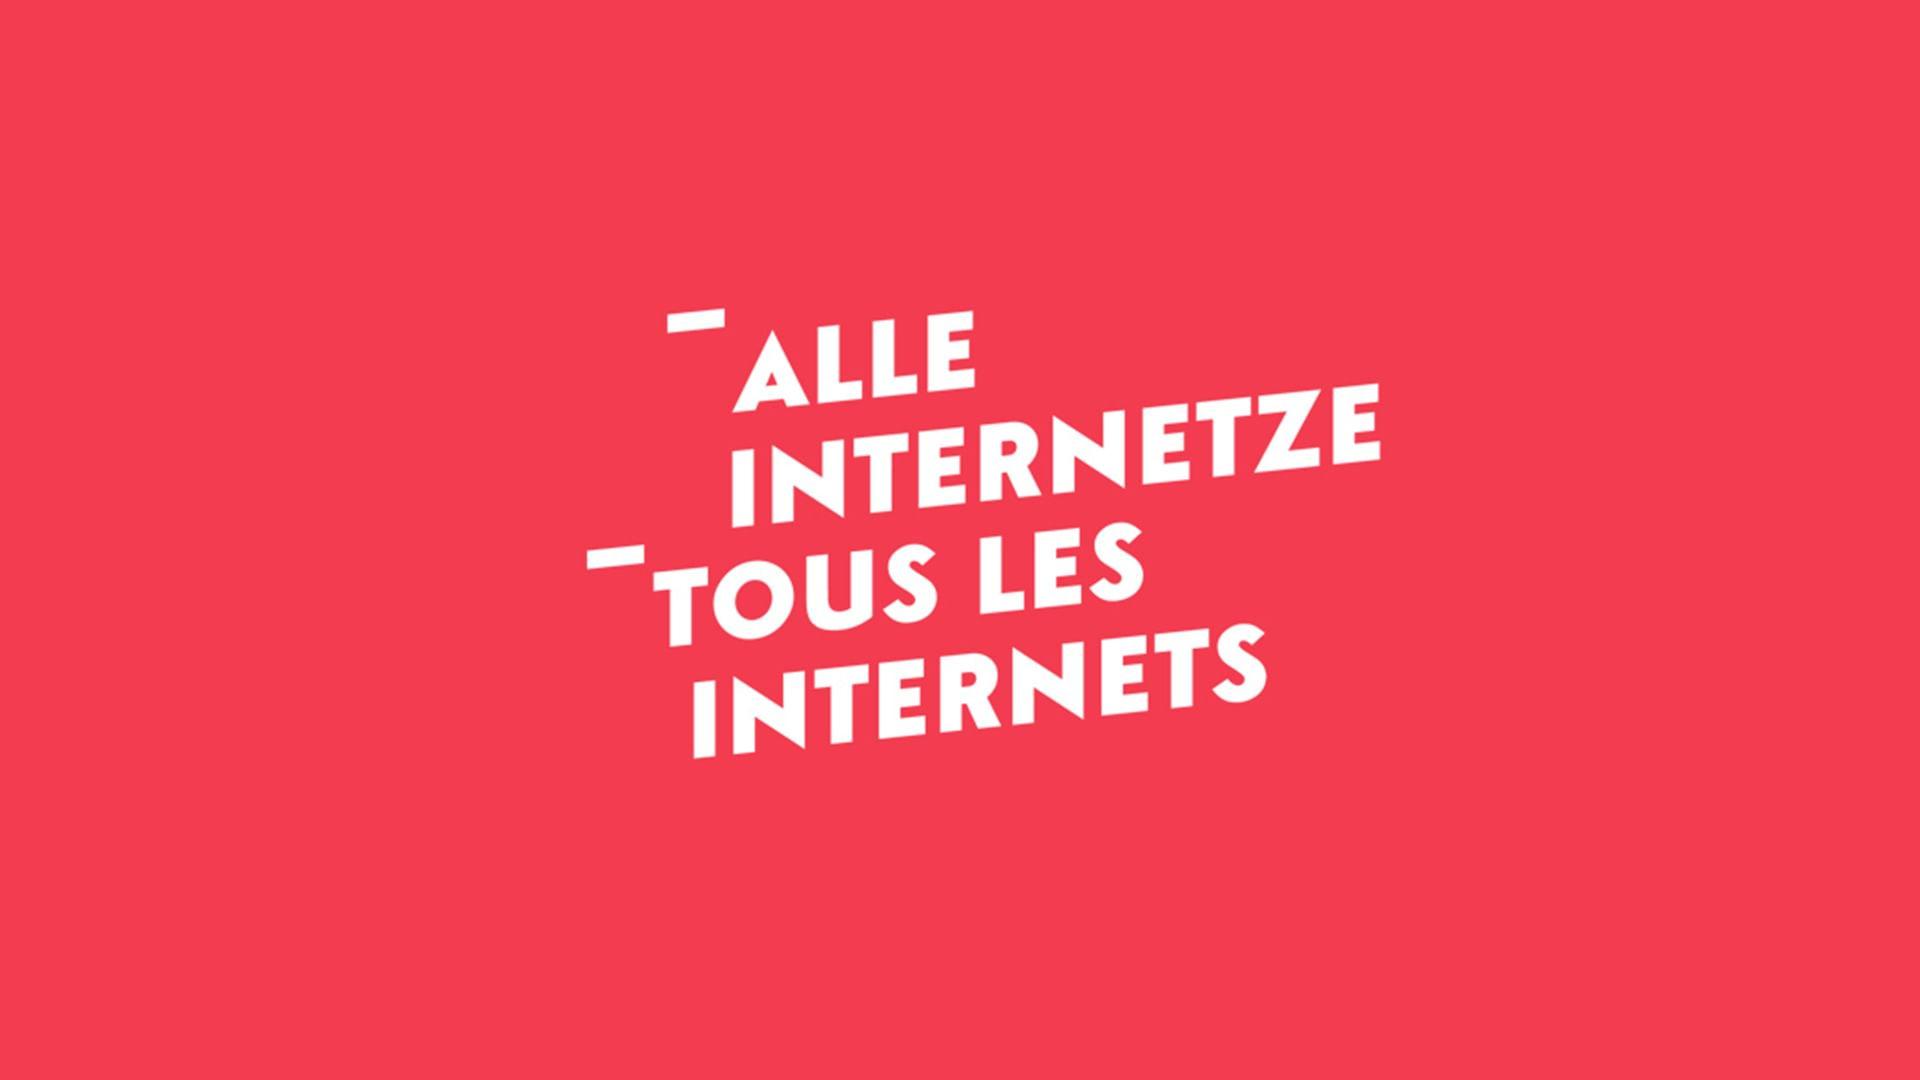 Tous les internets